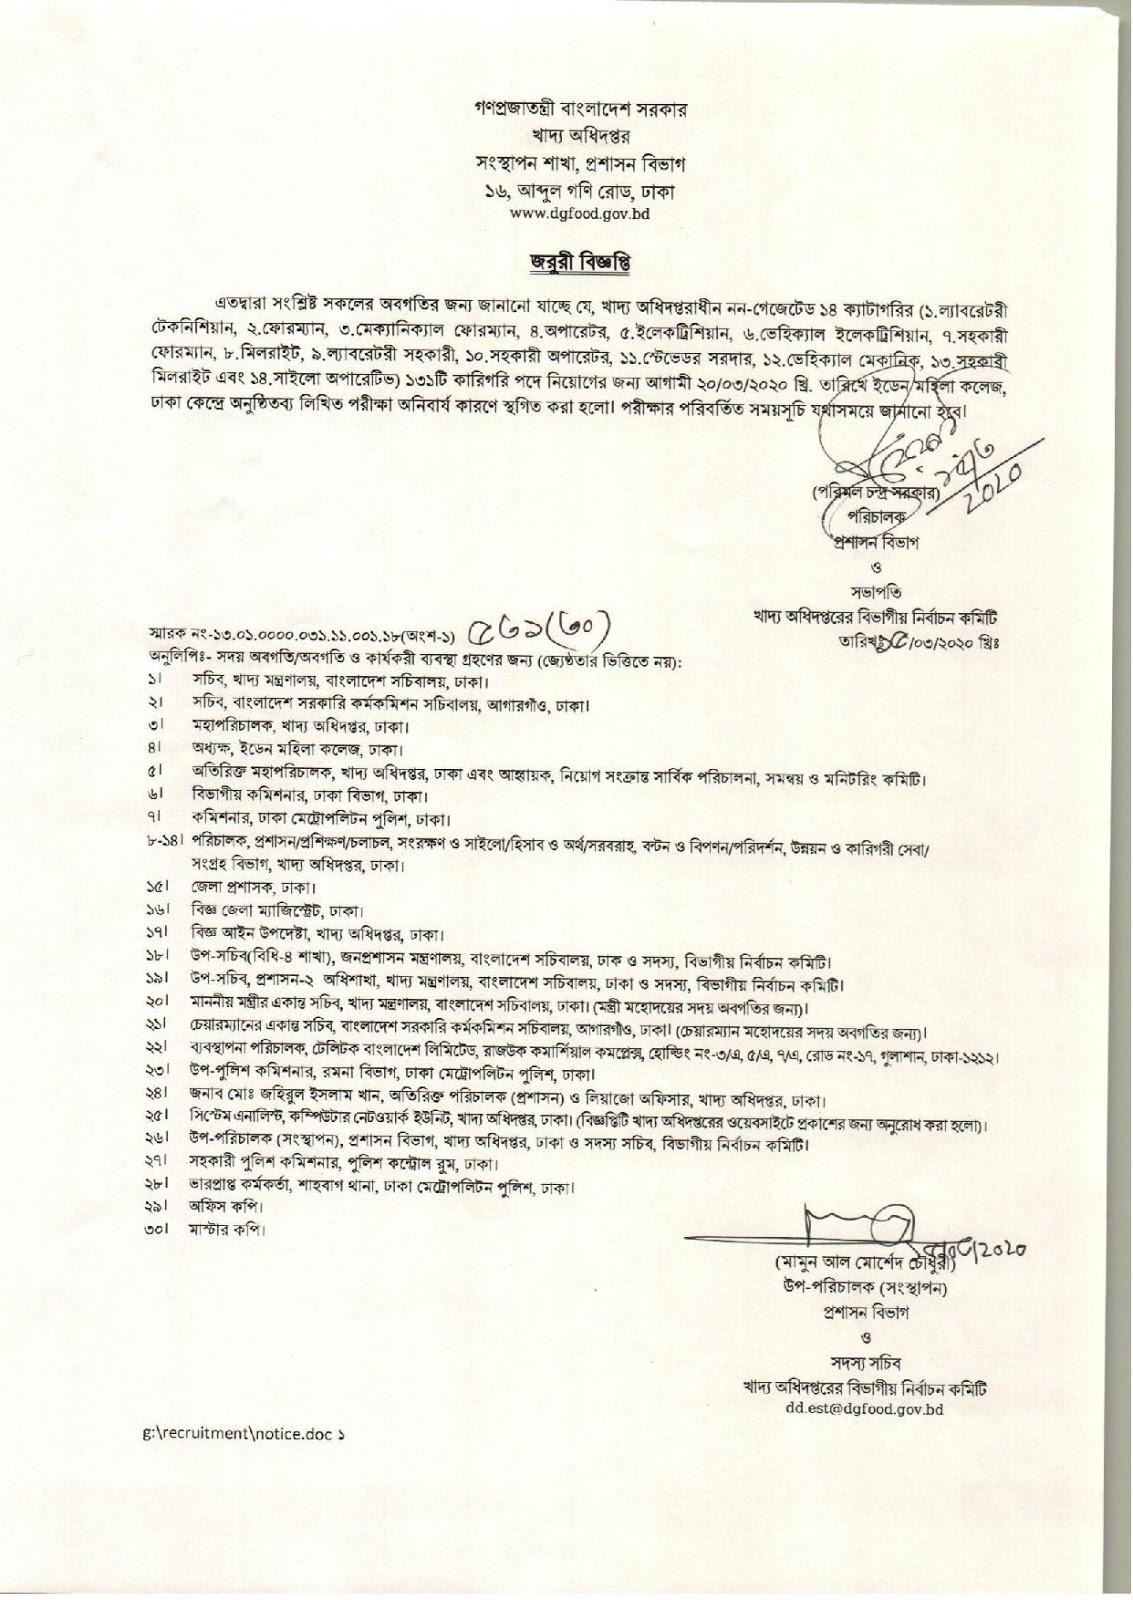 খাদ্য অধিদপ্তরের ২০ তারিখের পরীক্ষা অনিবার্য কারনে স্থগিত ঘোষণা || Dgfood Job Exam Notice